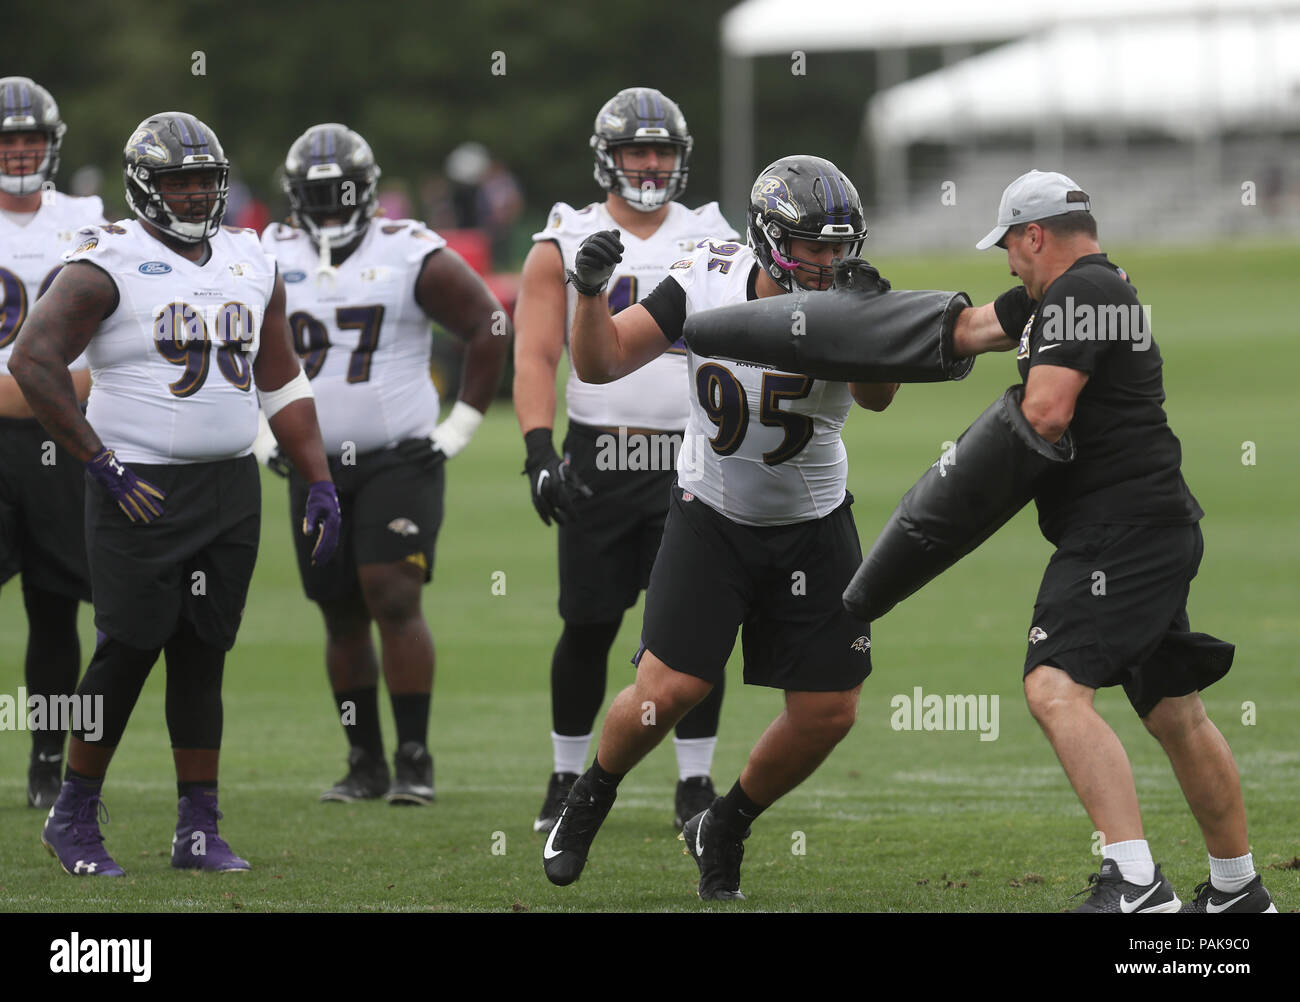 super popular 6a7e1 3d8b6 Baltimore, USA. 23rd July 2018. Baltimore Ravens DT Zach ...